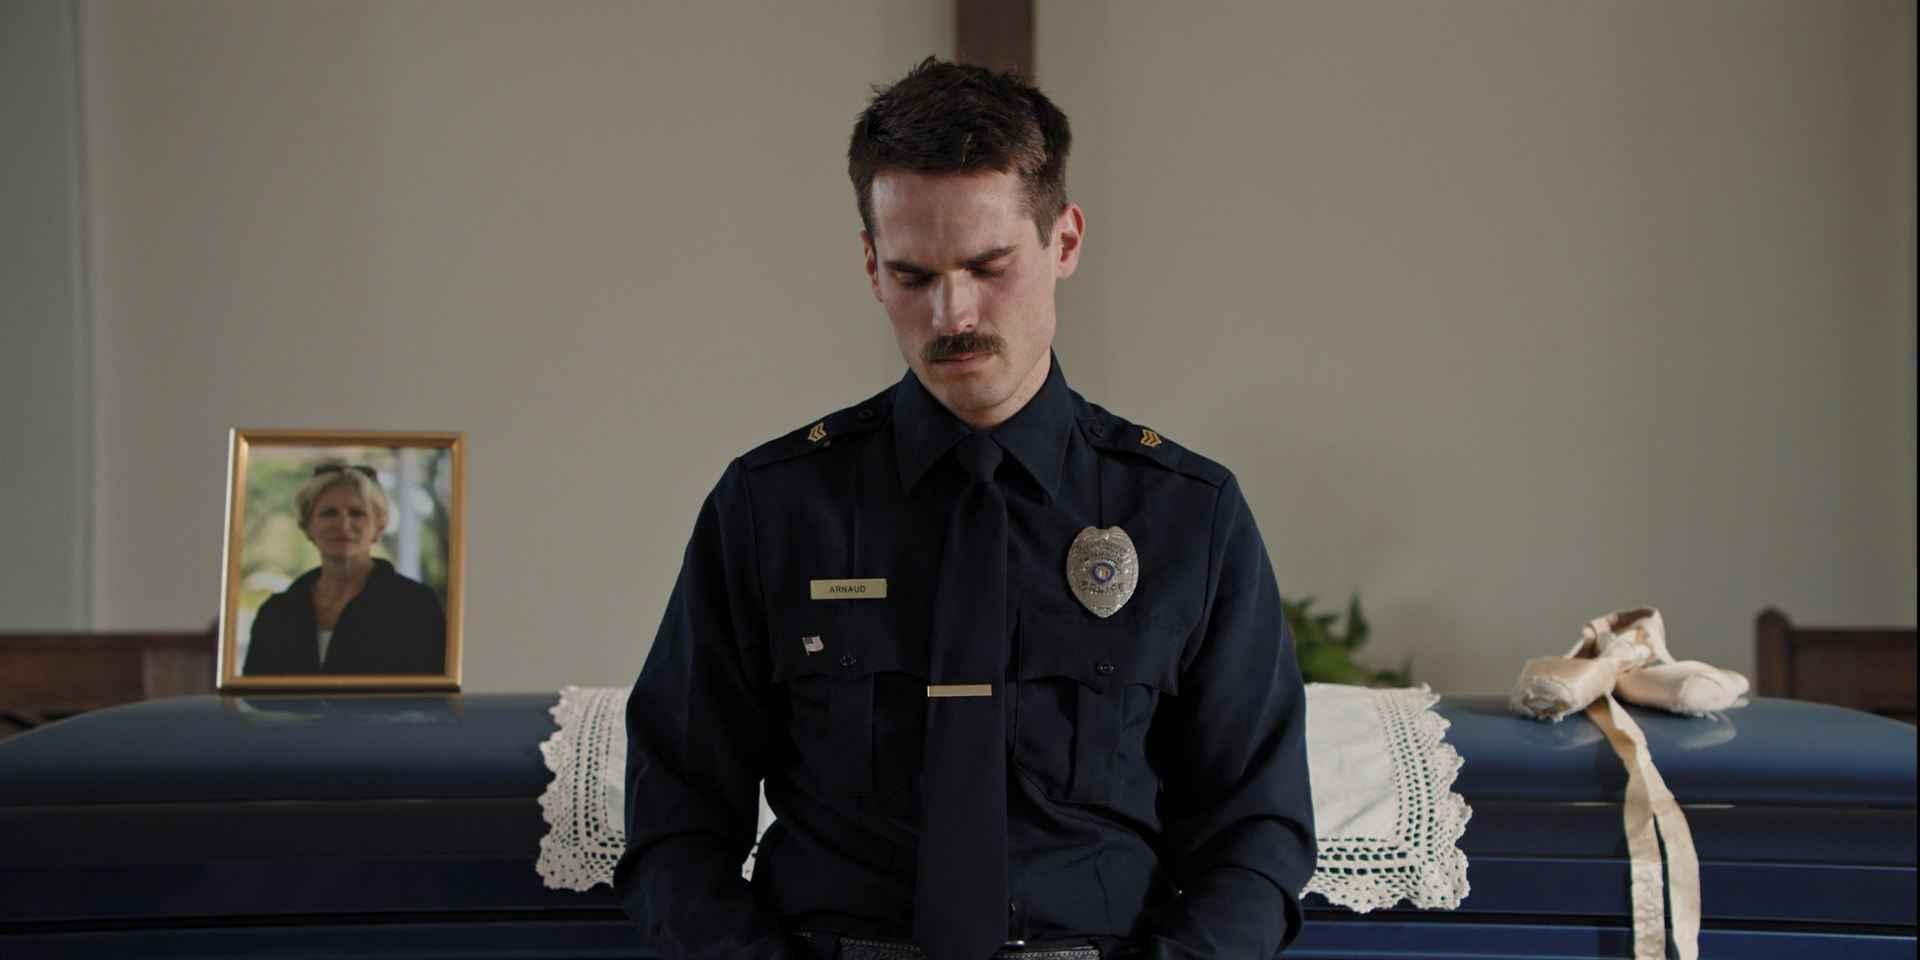 Thunder Road L'histoire de Jimmy Arnaud, un policier texan qui essaie tant bien que mal d'élever sa fille. Le portrait tragi-comique d'une figure d'une Amérique vacillante.